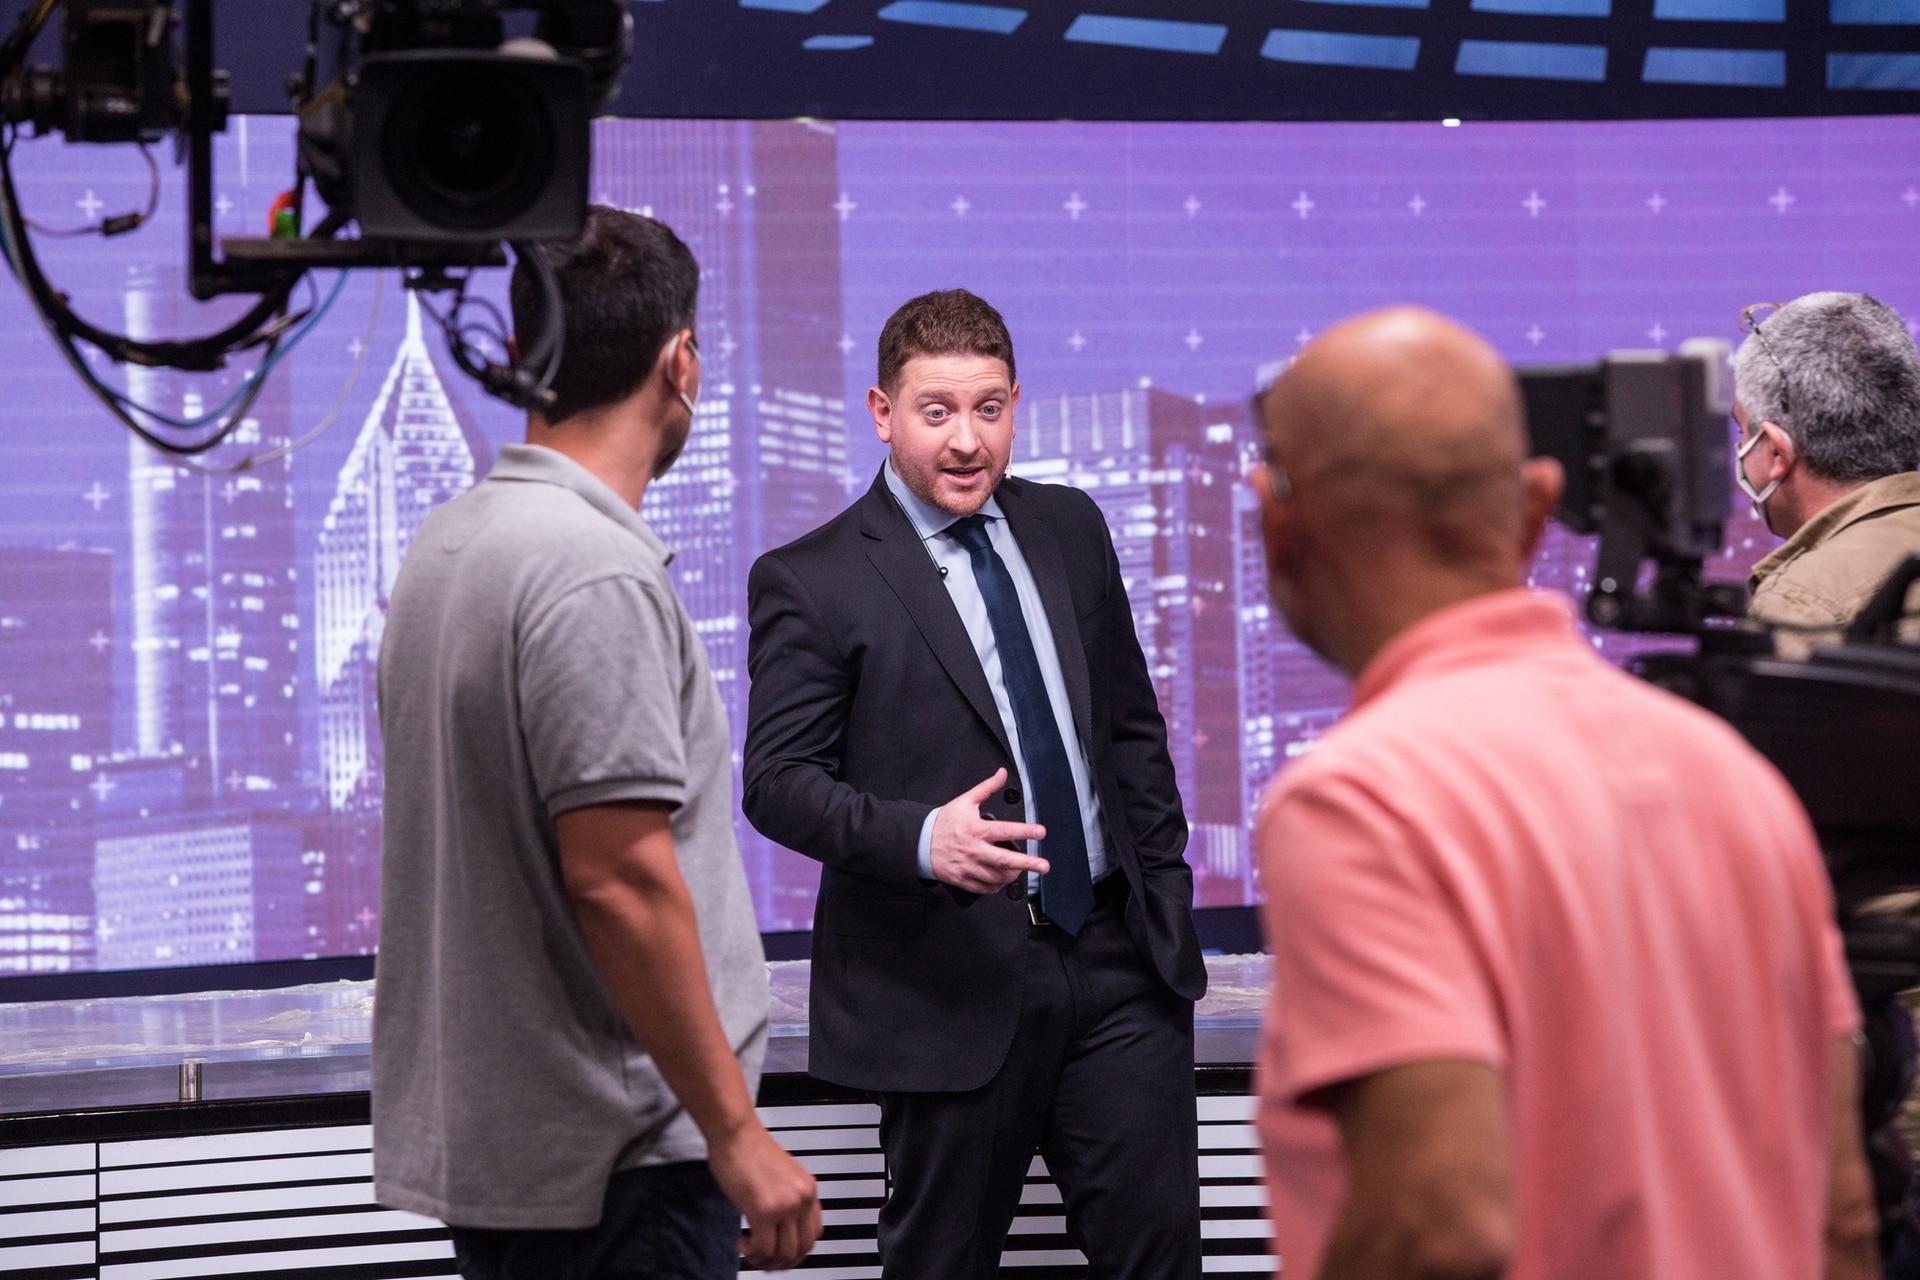 Jonatan Viale en la previa del debut, definiendo los detalles con los técnicos y productores de LN+